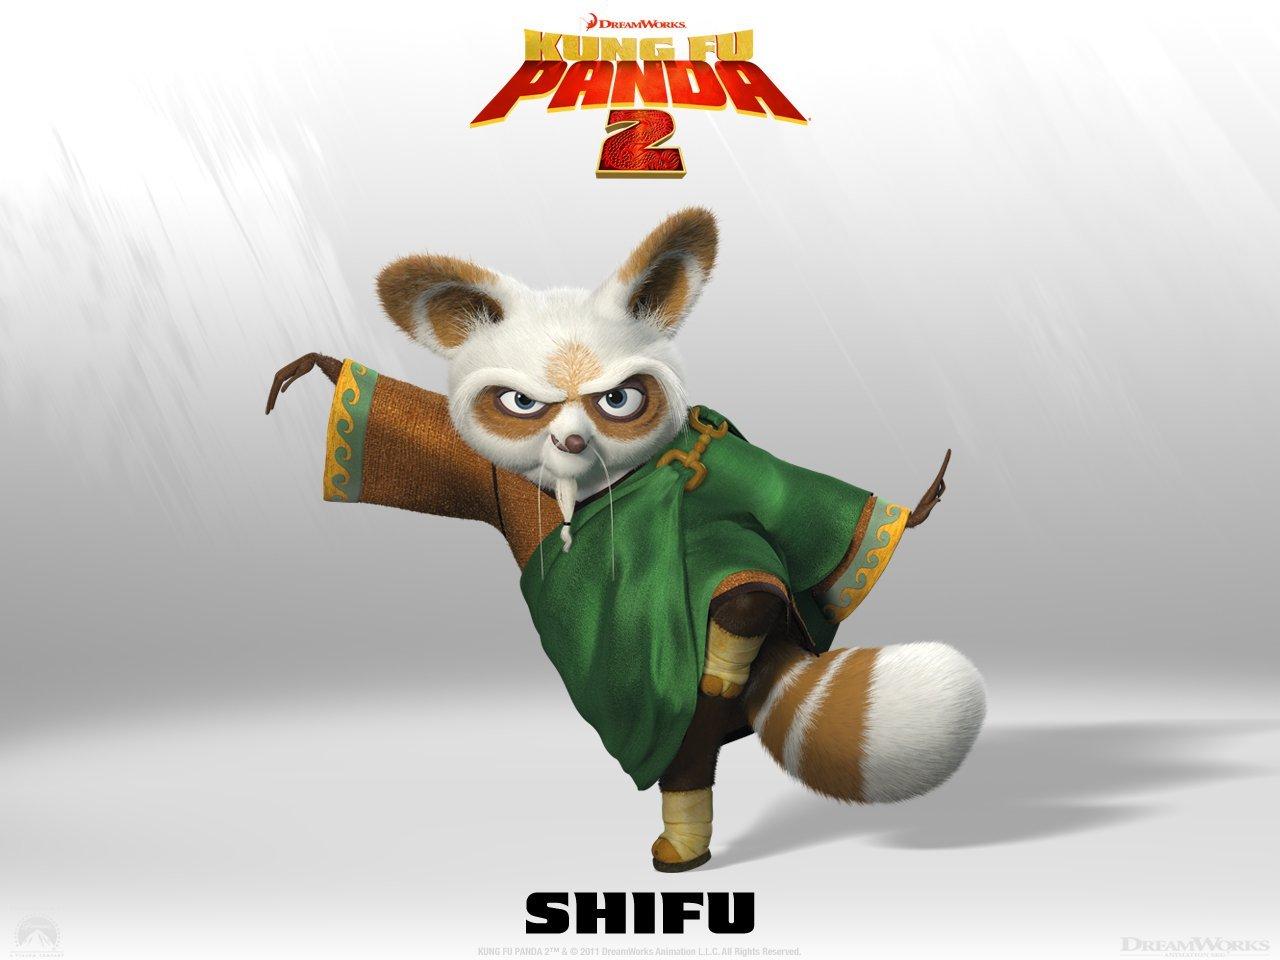 http://1.bp.blogspot.com/-1VStpUFIGD8/TeD_UUw0GGI/AAAAAAAAA1M/61-2JNGny9w/s1600/Kung+Fu+Panda+2+Wallpaper+8.jpg